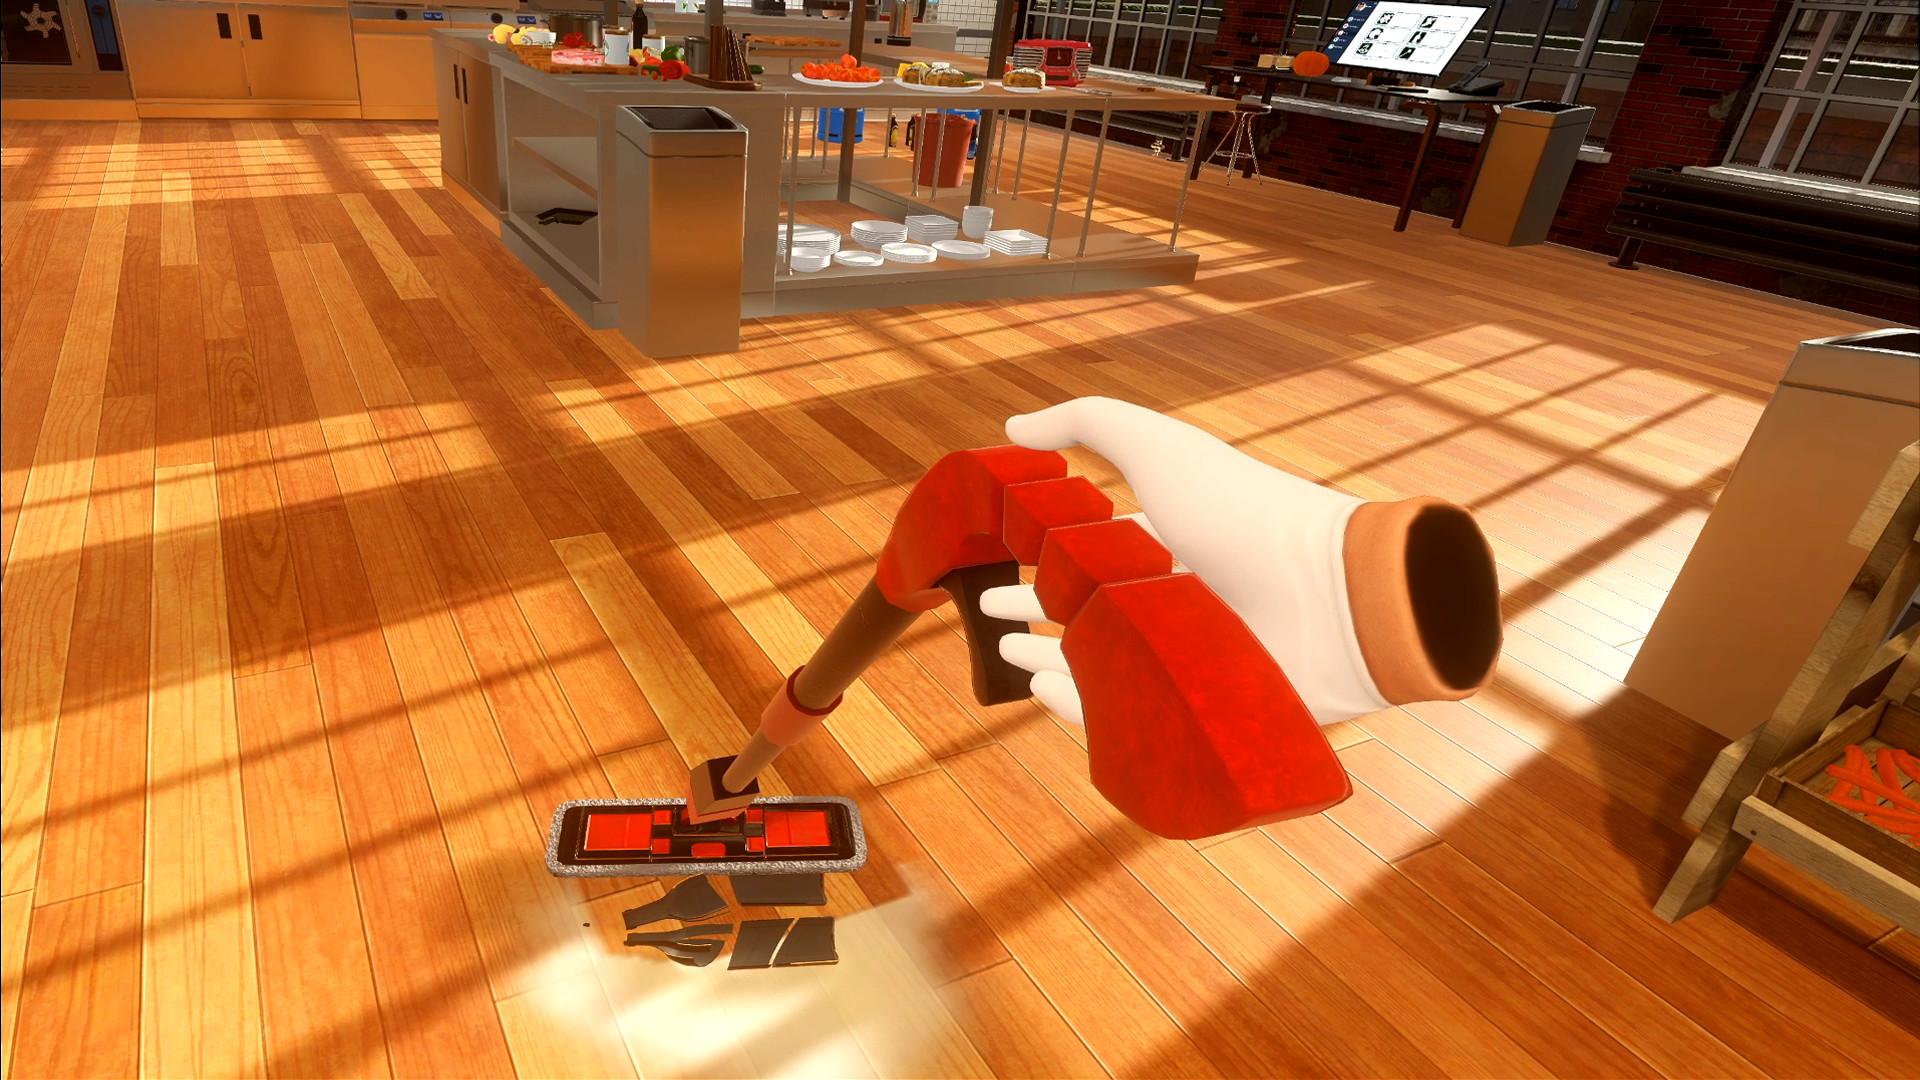 cooking-simulator-vr-pc-screenshot-1